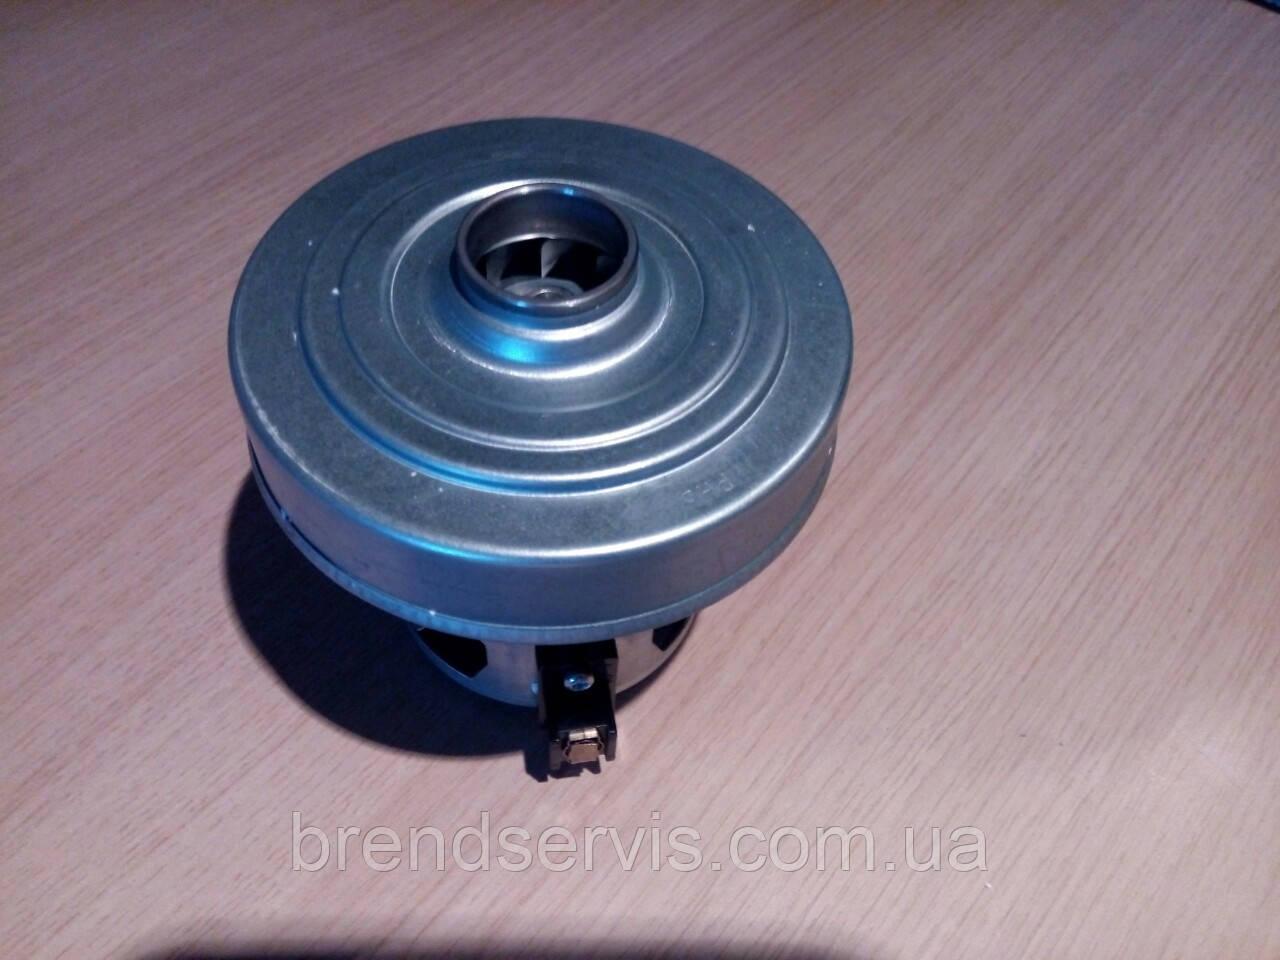 Мотор для пилососа Philips